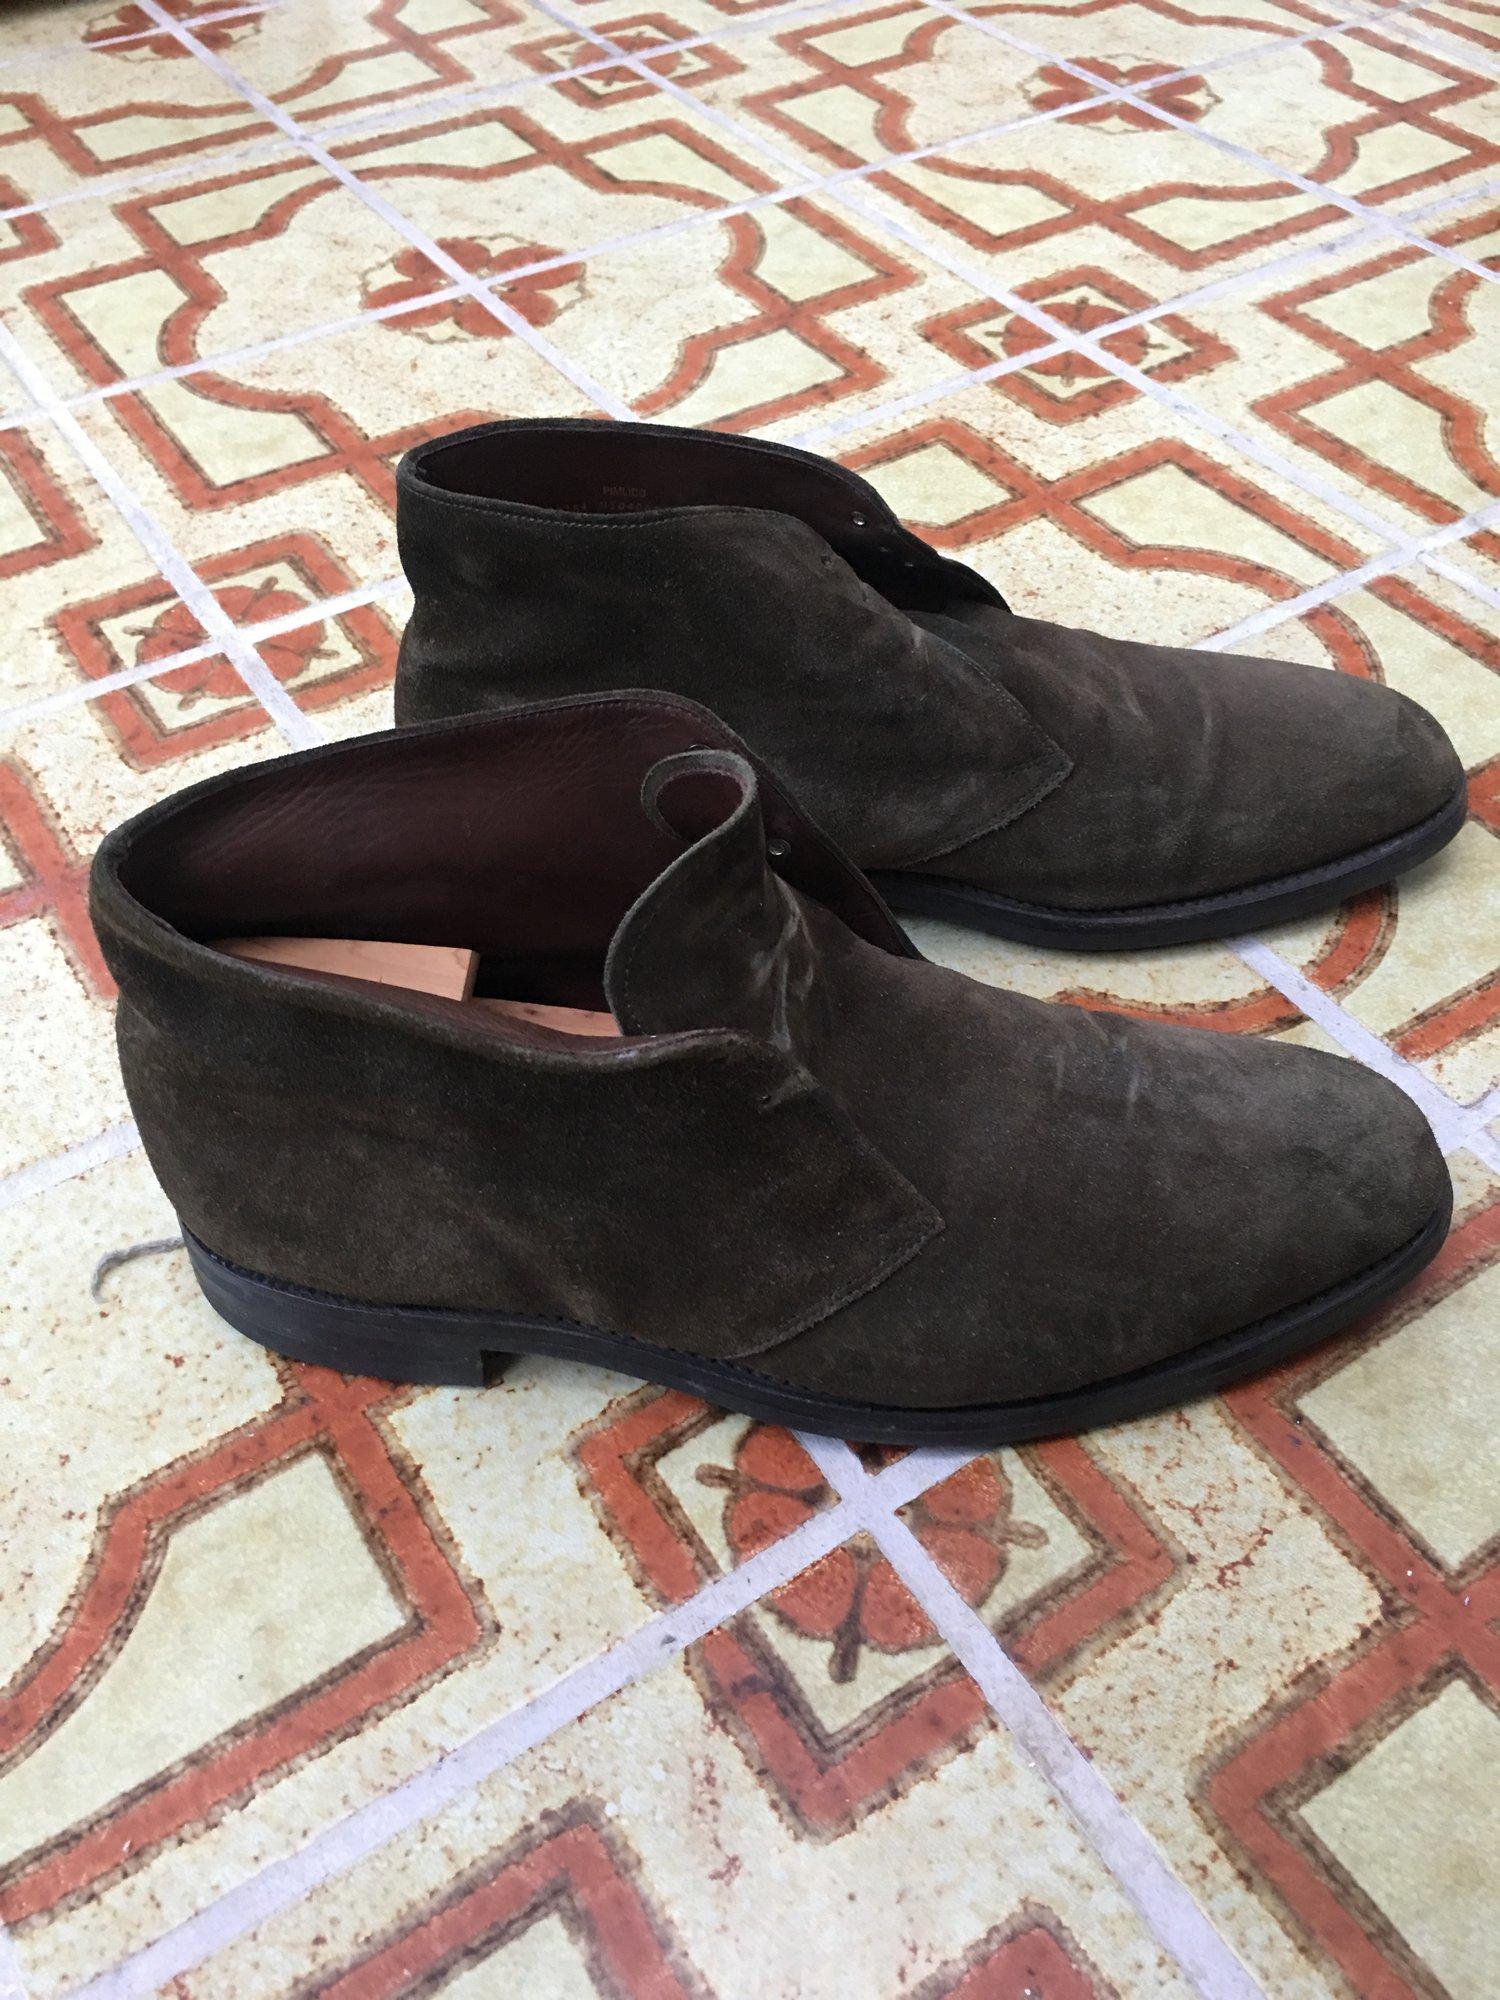 Lobb_desert_boots1.JPG